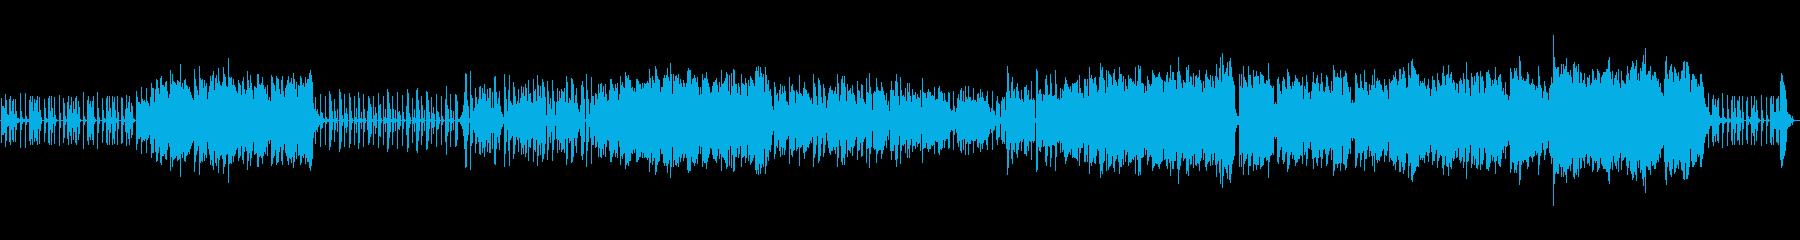 クールな都会的なロックR&B風BGMの再生済みの波形